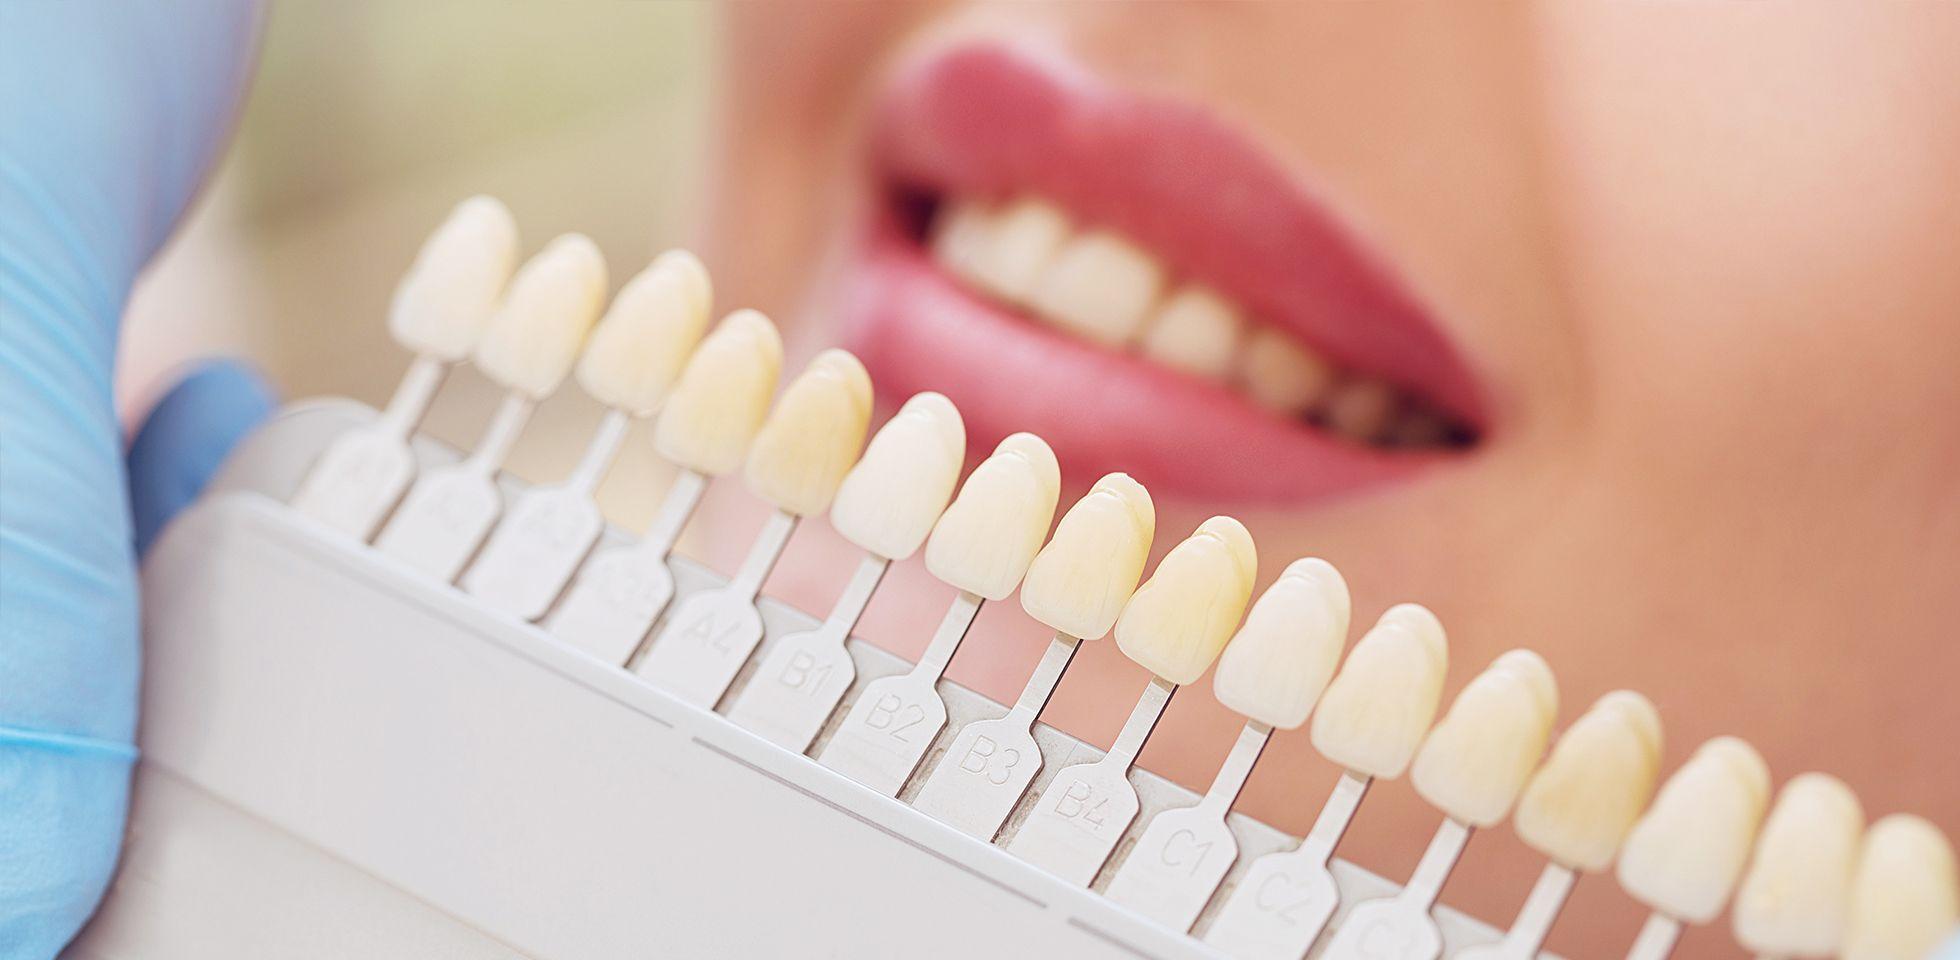 Faccette dentali: vantaggi e costi